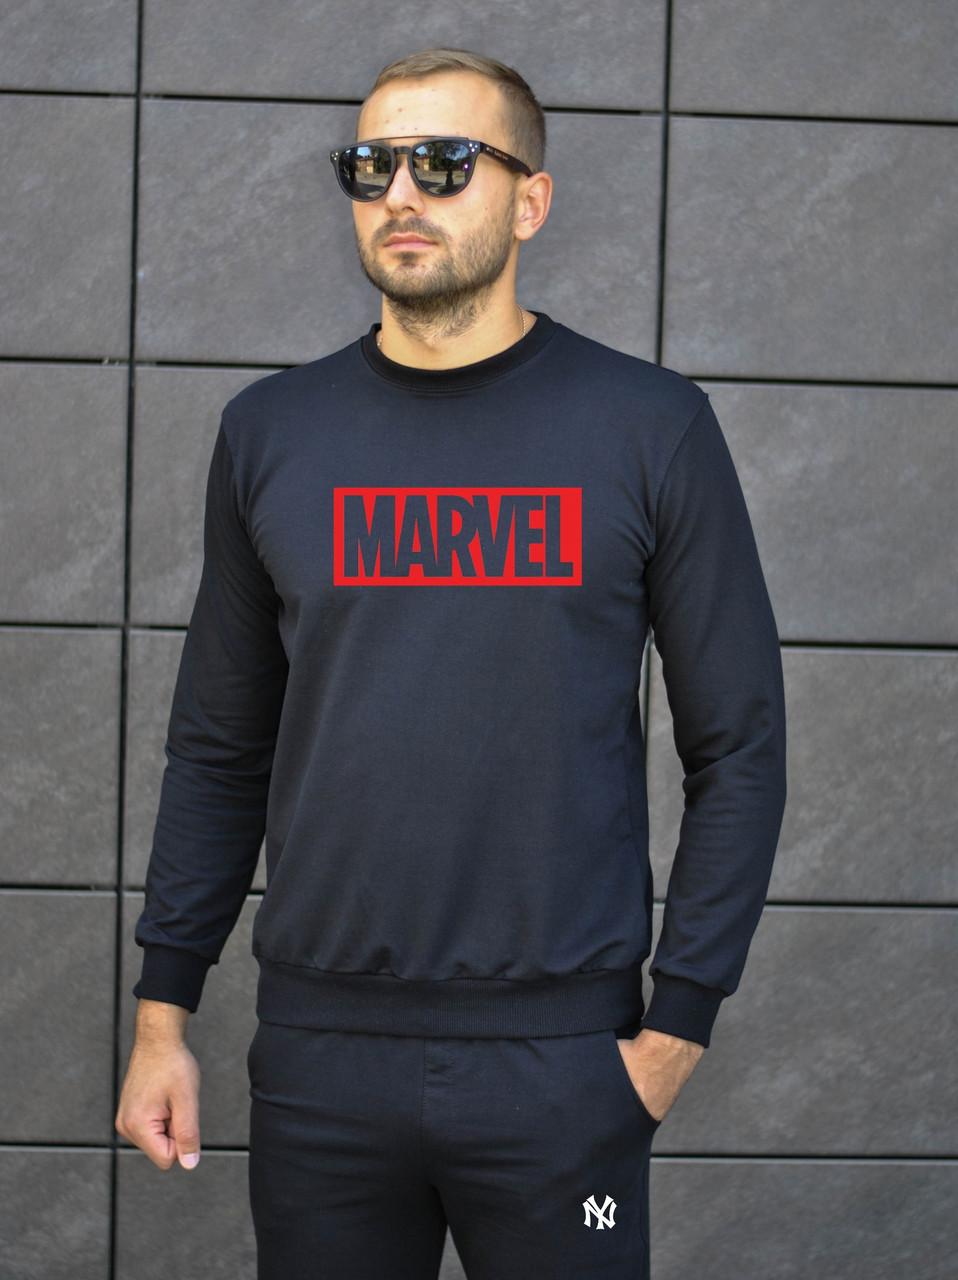 """Мужской спортивный костюм чёрный свитшот с принтом """"MARVEL"""" и чёрные штаны с принтом """"MARVEL"""""""